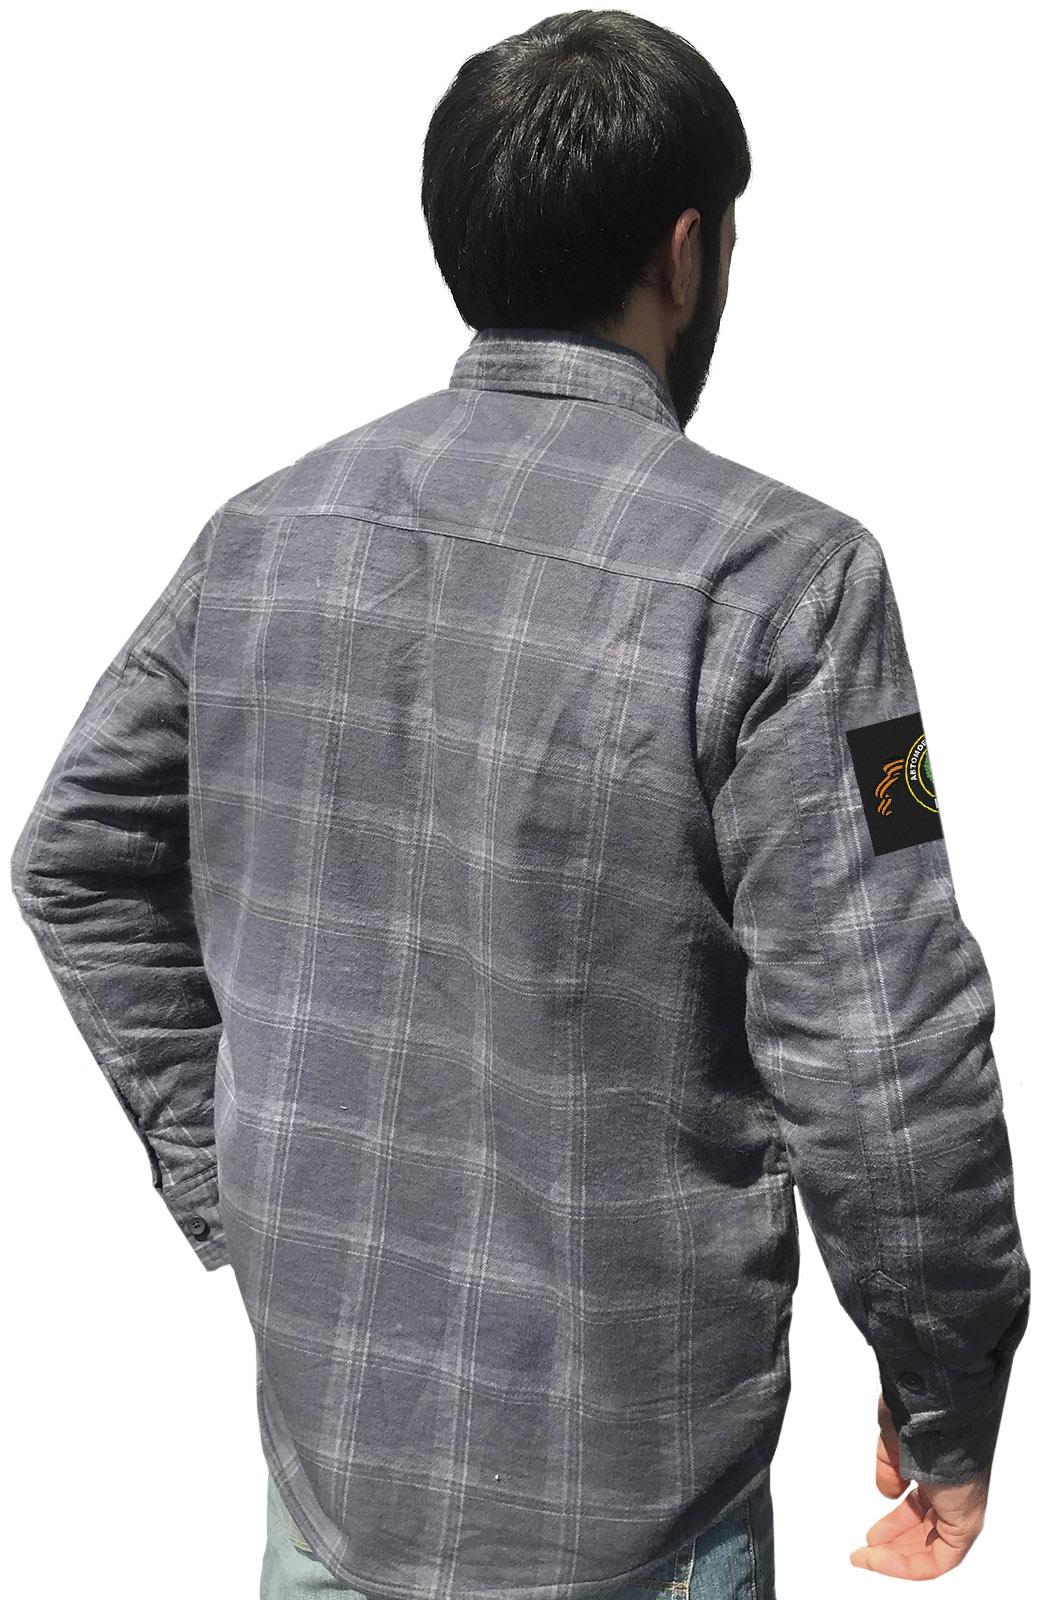 Купить клетчатую мужскую рубашку с вышитым шевроном Автомобильные Войска по низкой цене